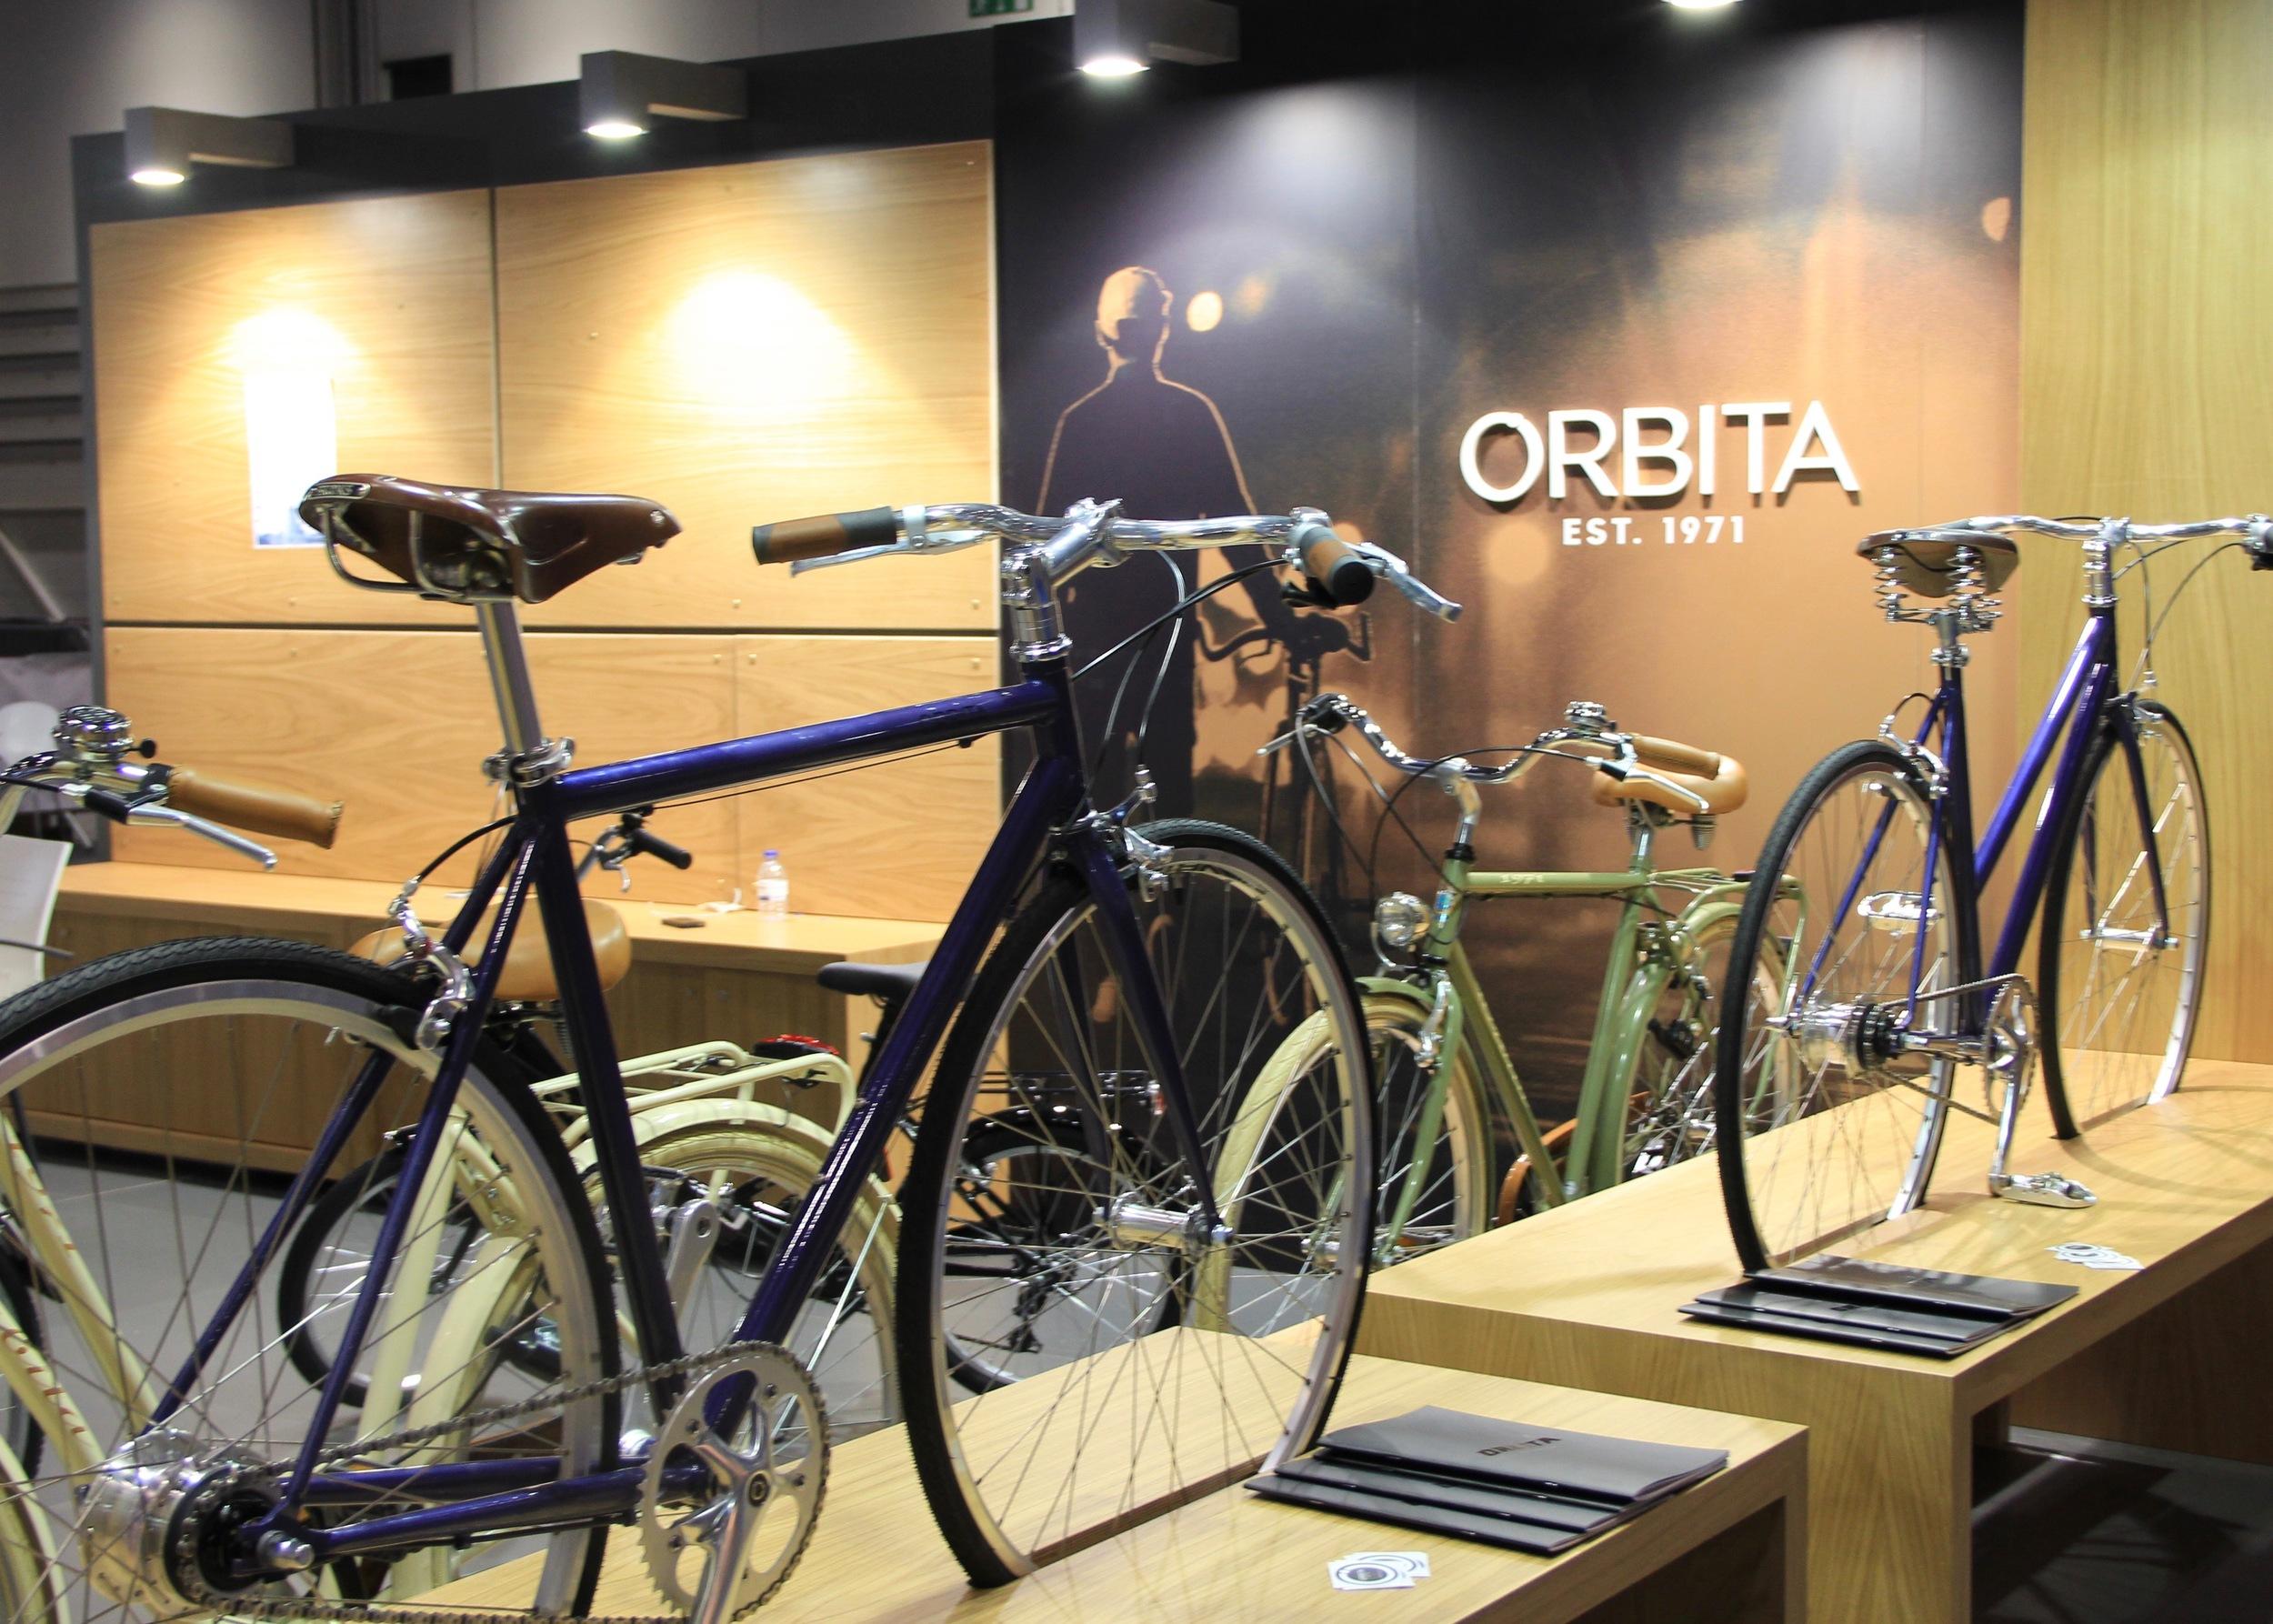 Orbita offer good looks and value for money